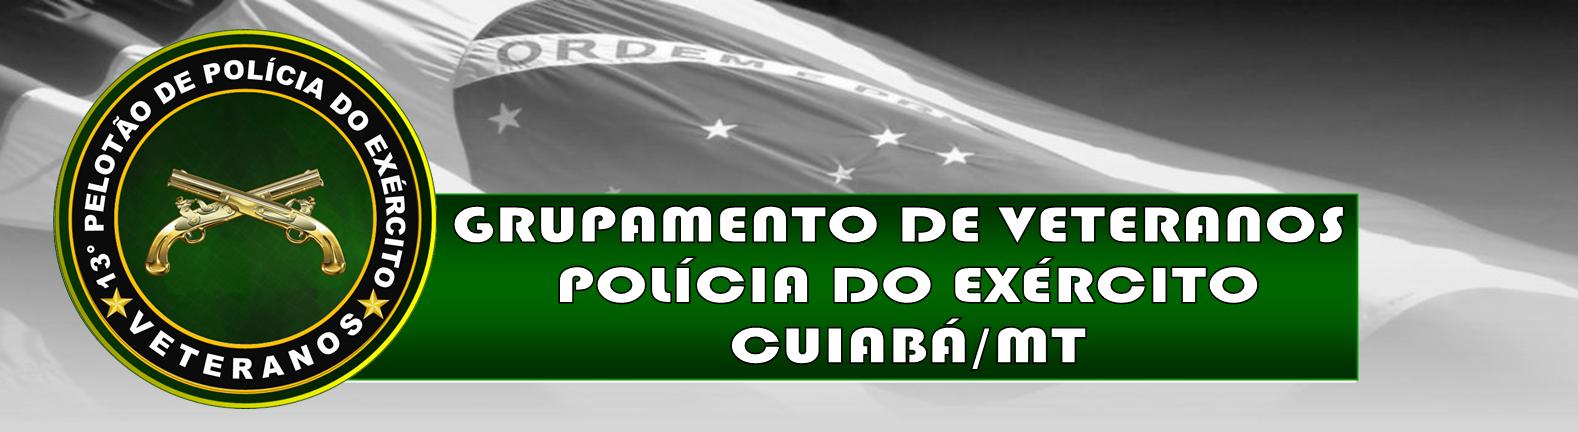 VETERANOS DO 13º PELOTÃO DE POLÍCIA DO EXÉRCITO